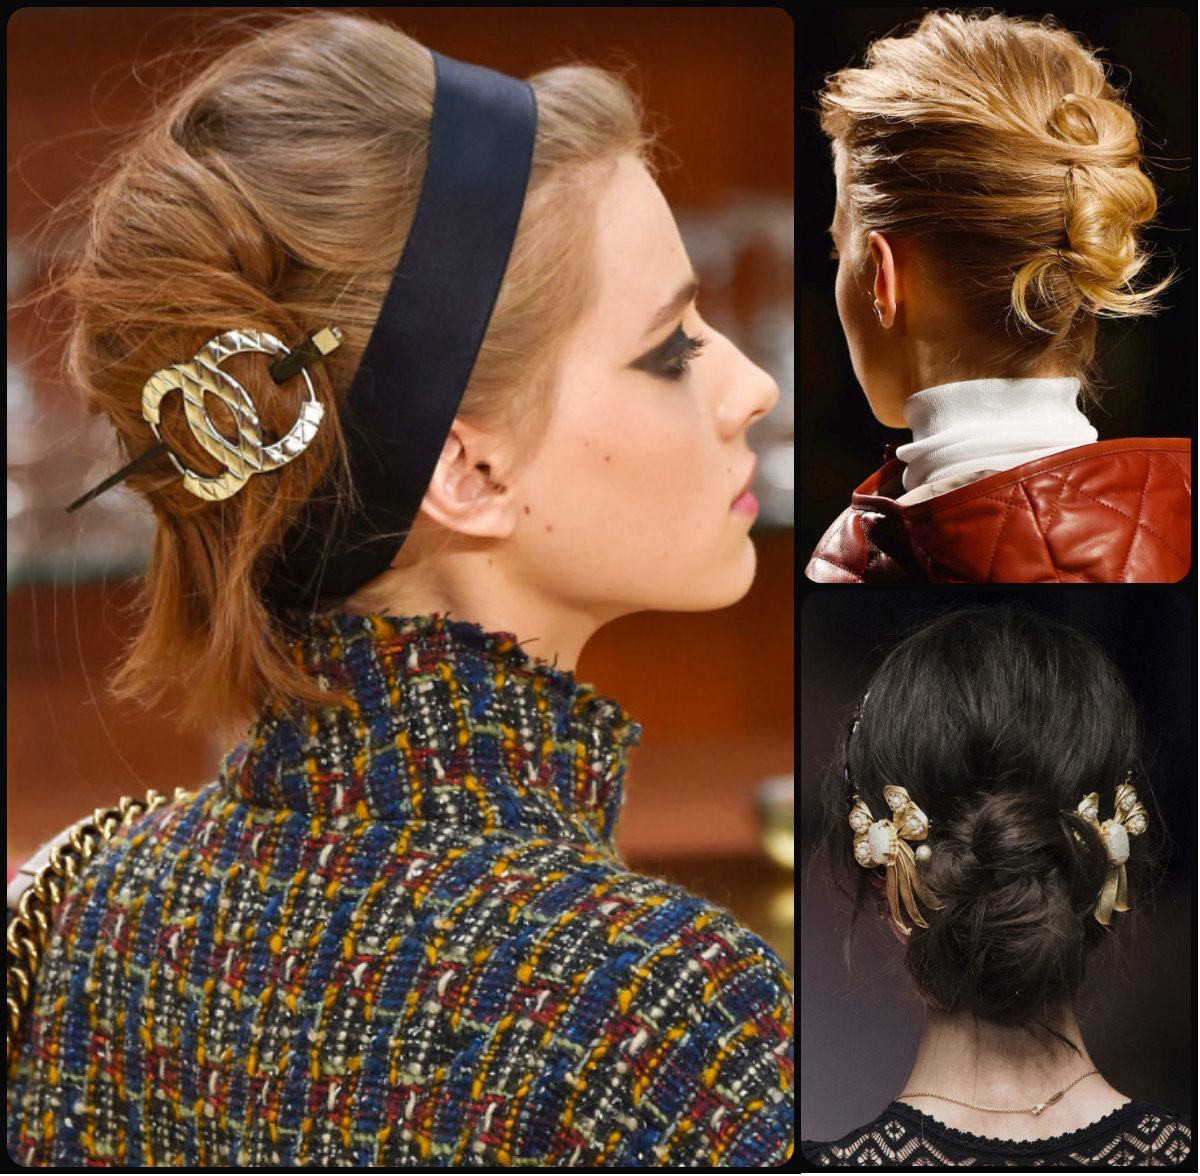 Wondrous Runway Updo Hairstyles For Fall 2015 Hairstyles 2016 Hair Short Hairstyles Gunalazisus